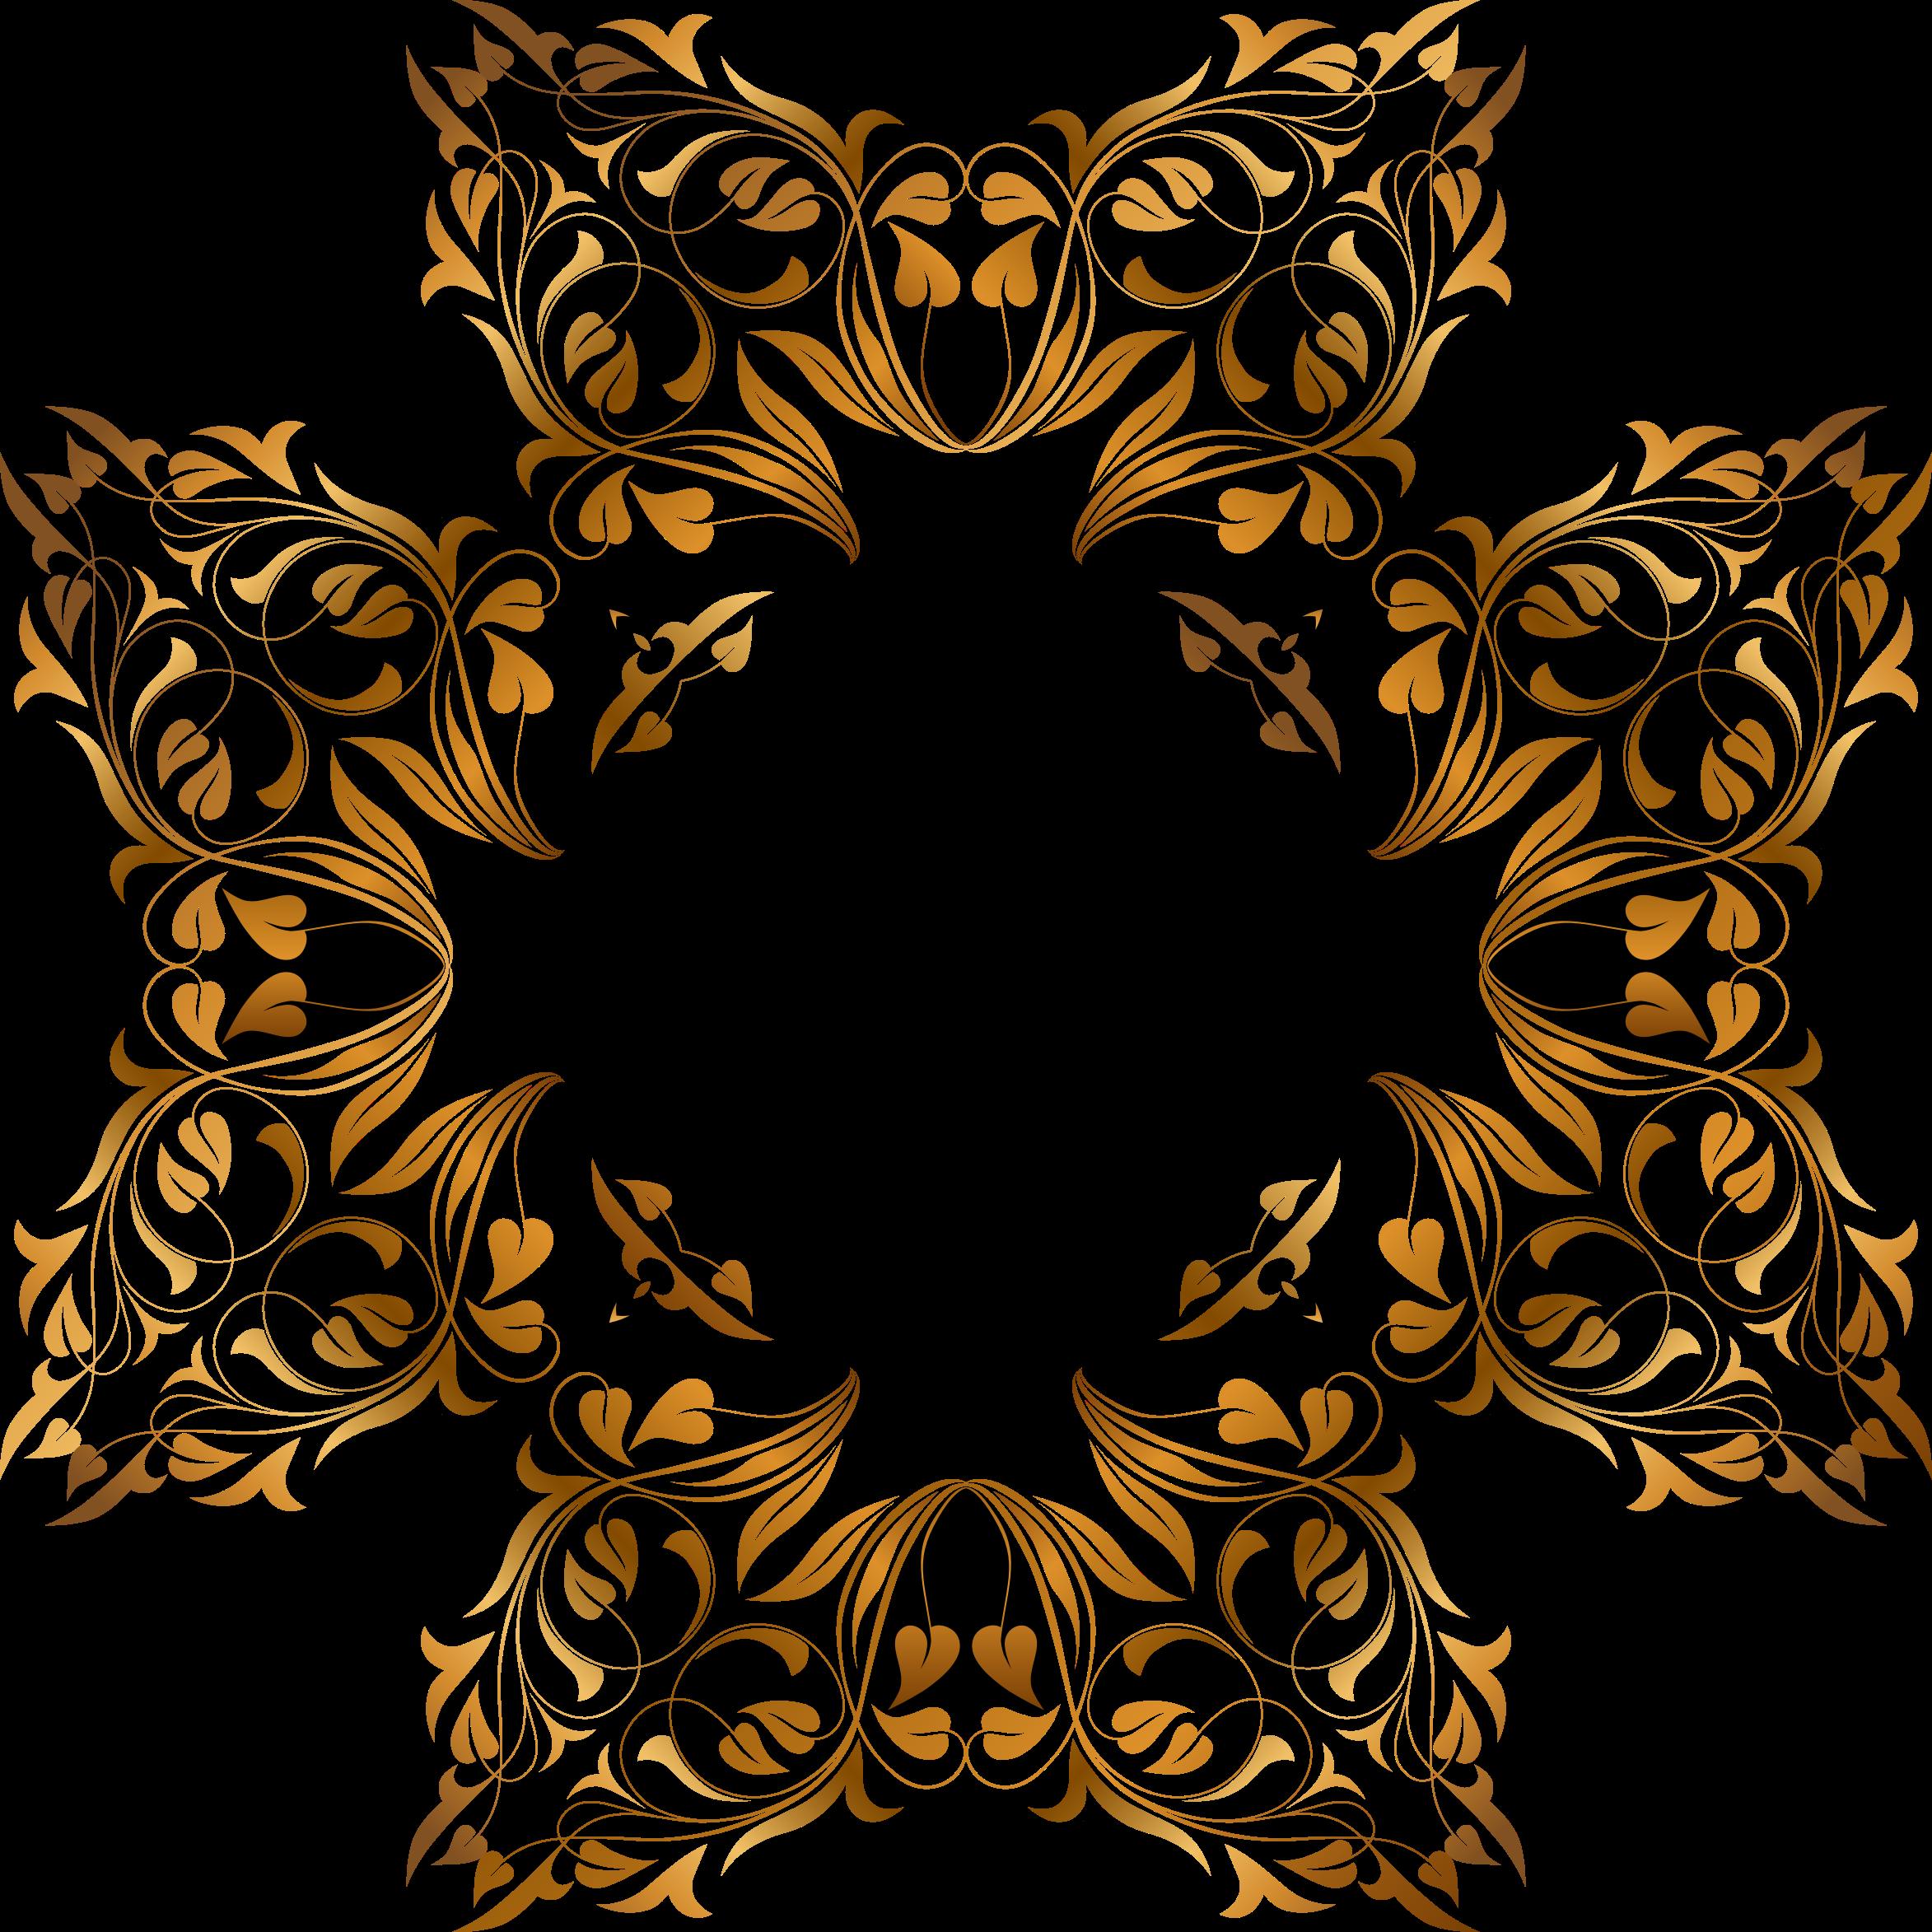 Gold clipart celebration. Floral flourish frame big